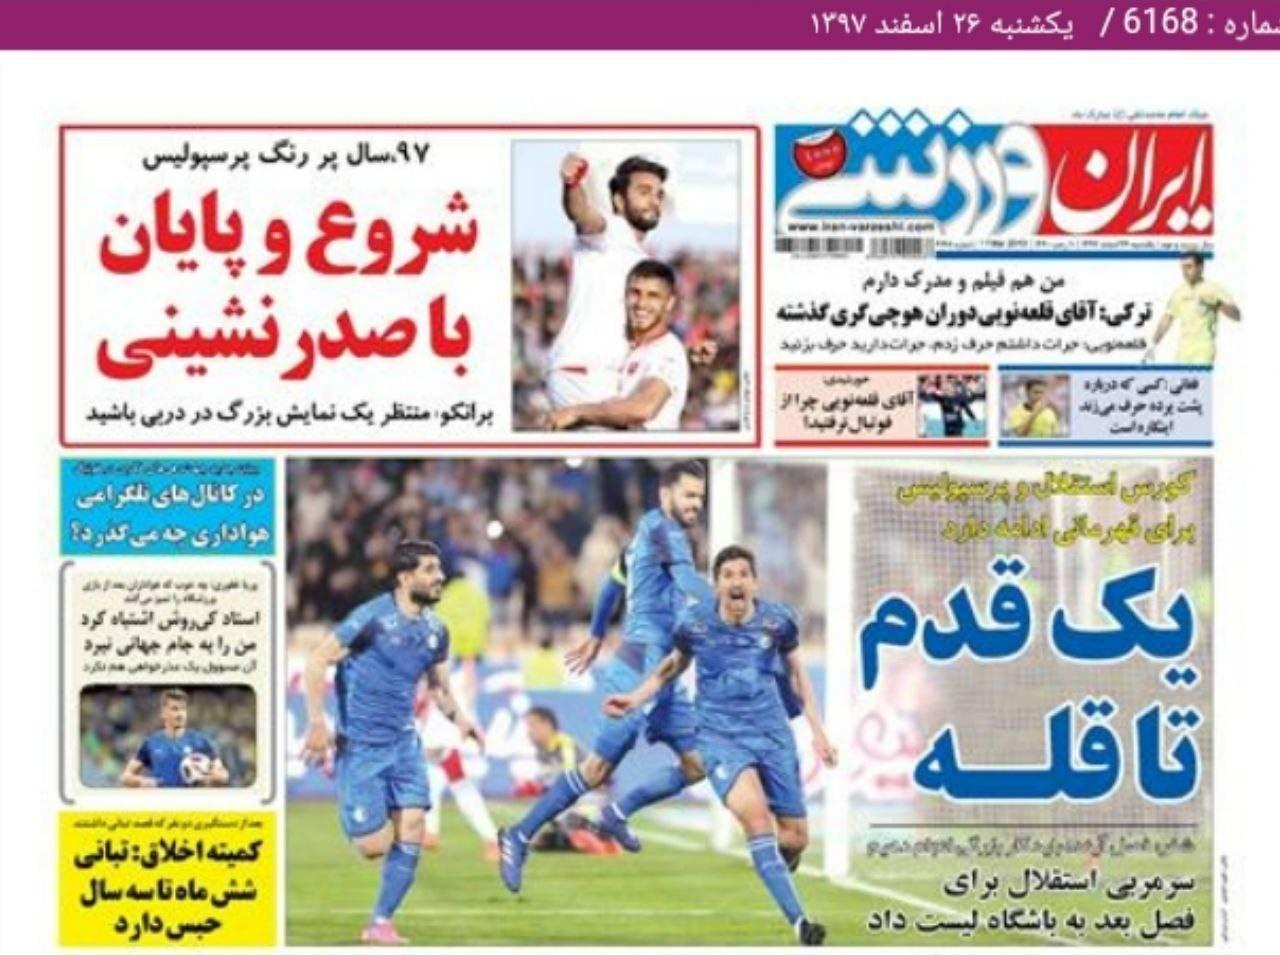 ایران ورزشی - ۲۶ اسفند